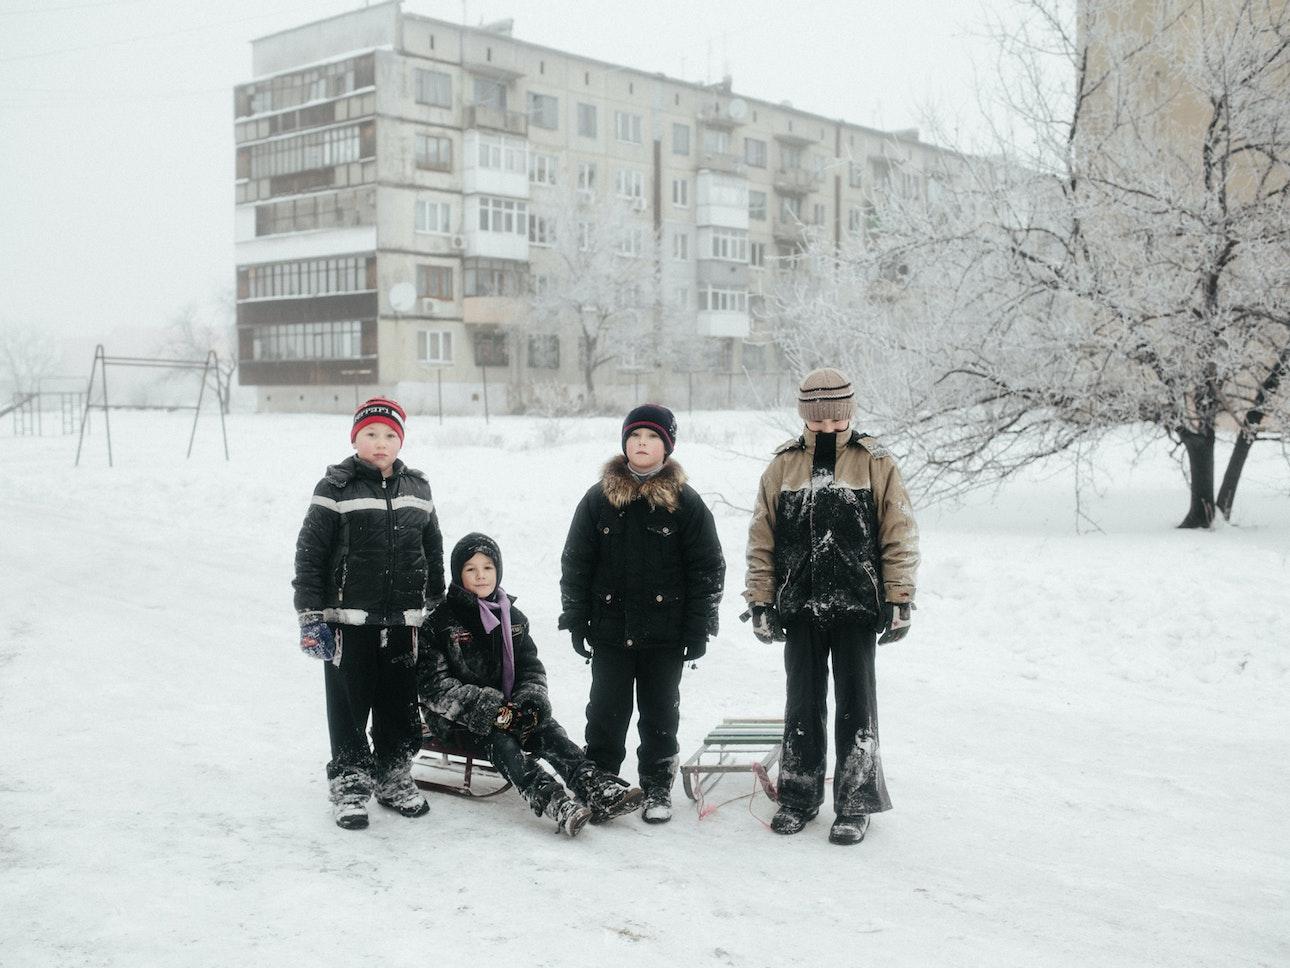 Белицкое, Донецкая область, 2015 год